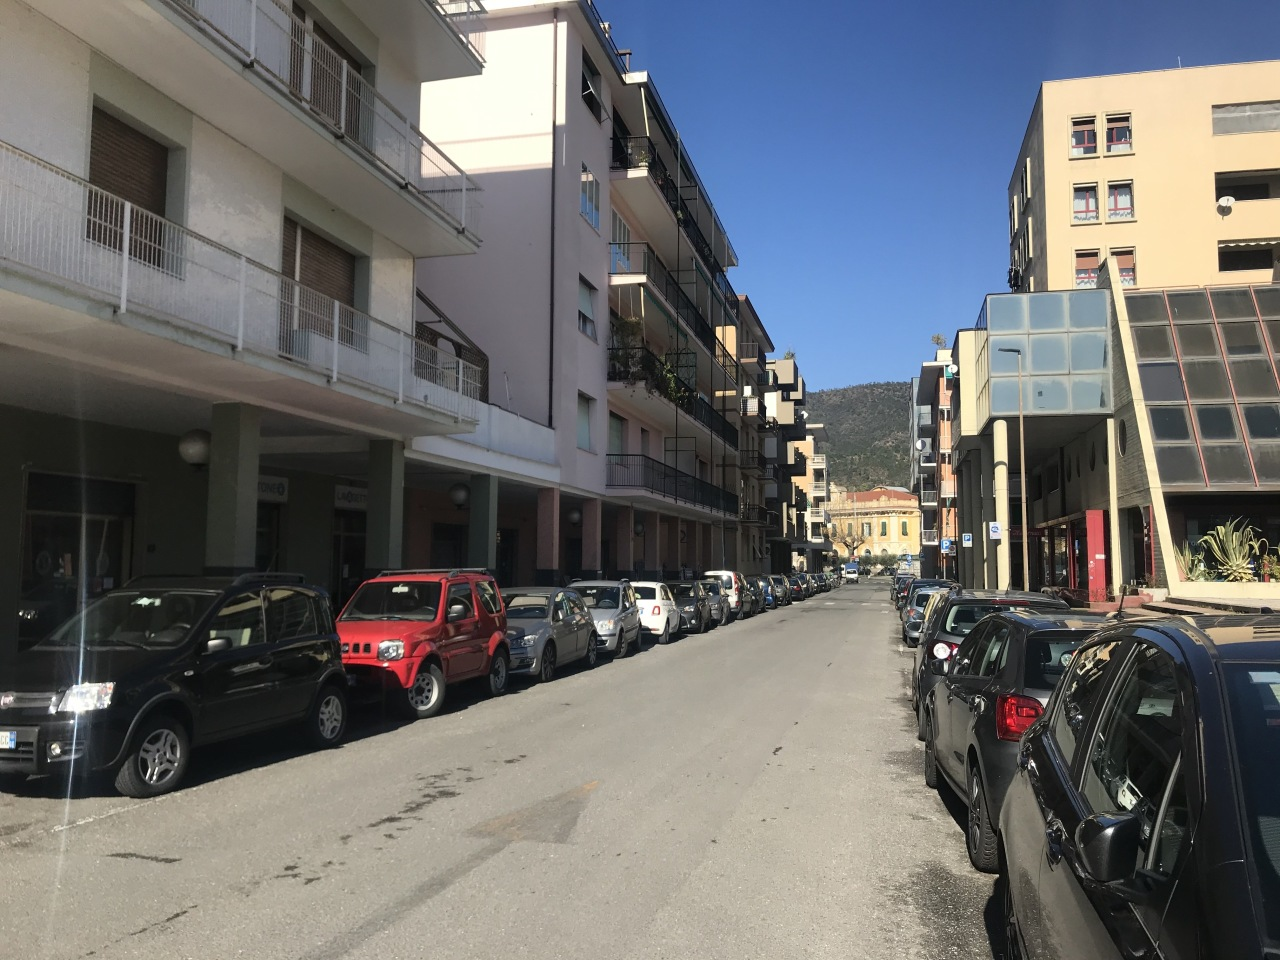 Ufficio / Studio in affitto a Sestri Levante, 2 locali, prezzo € 550 | CambioCasa.it